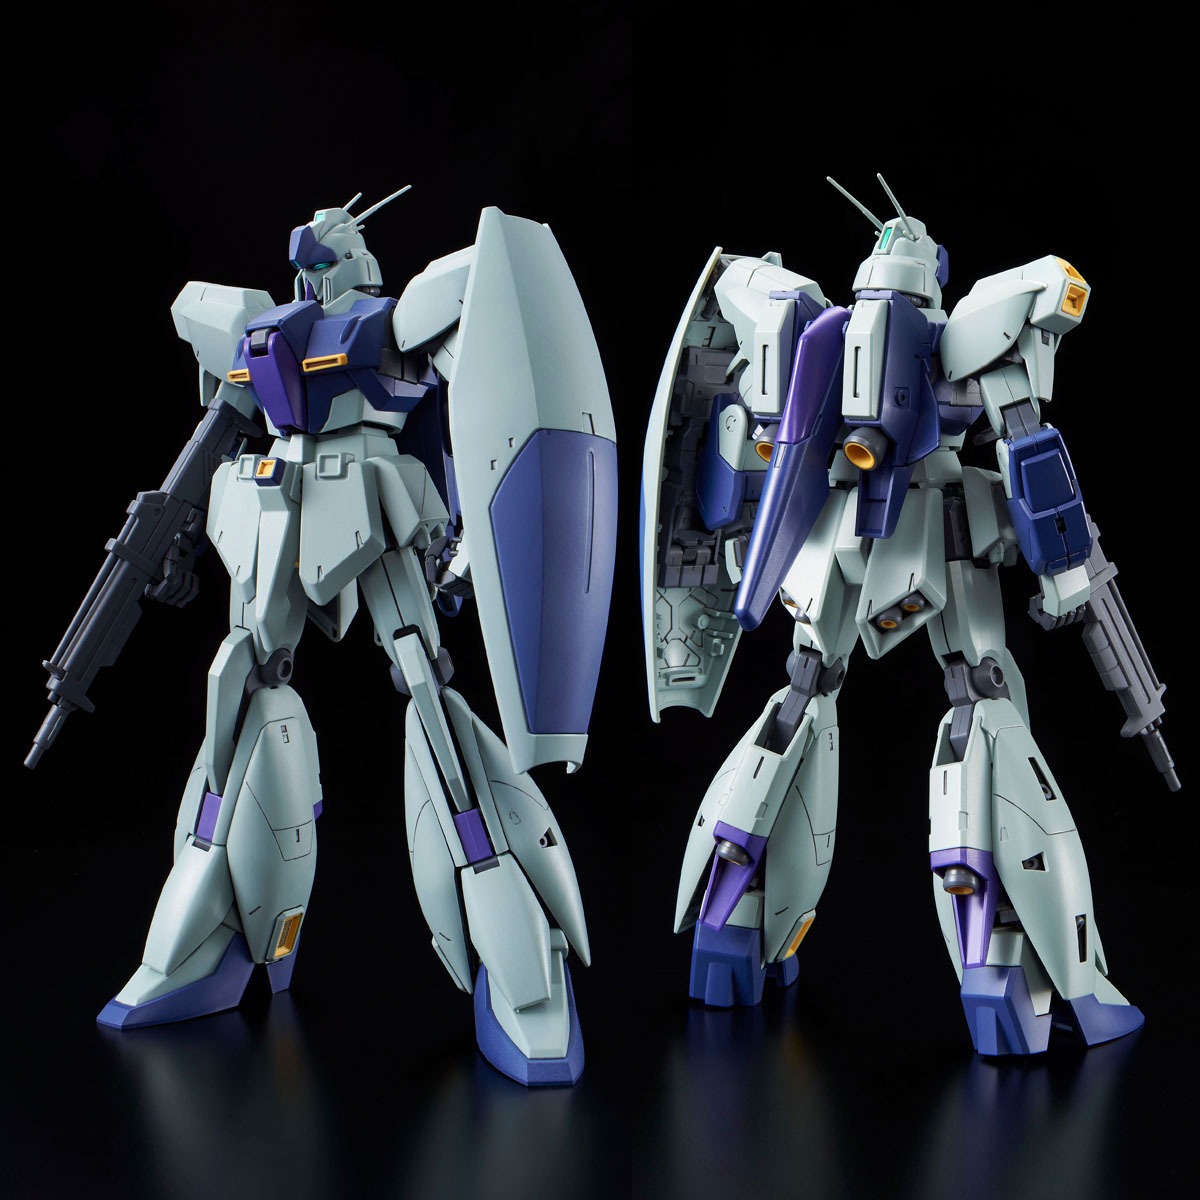 MG 1/100 Re-GZ (UNICORN Ver.) [Jul 2021 Delivery]